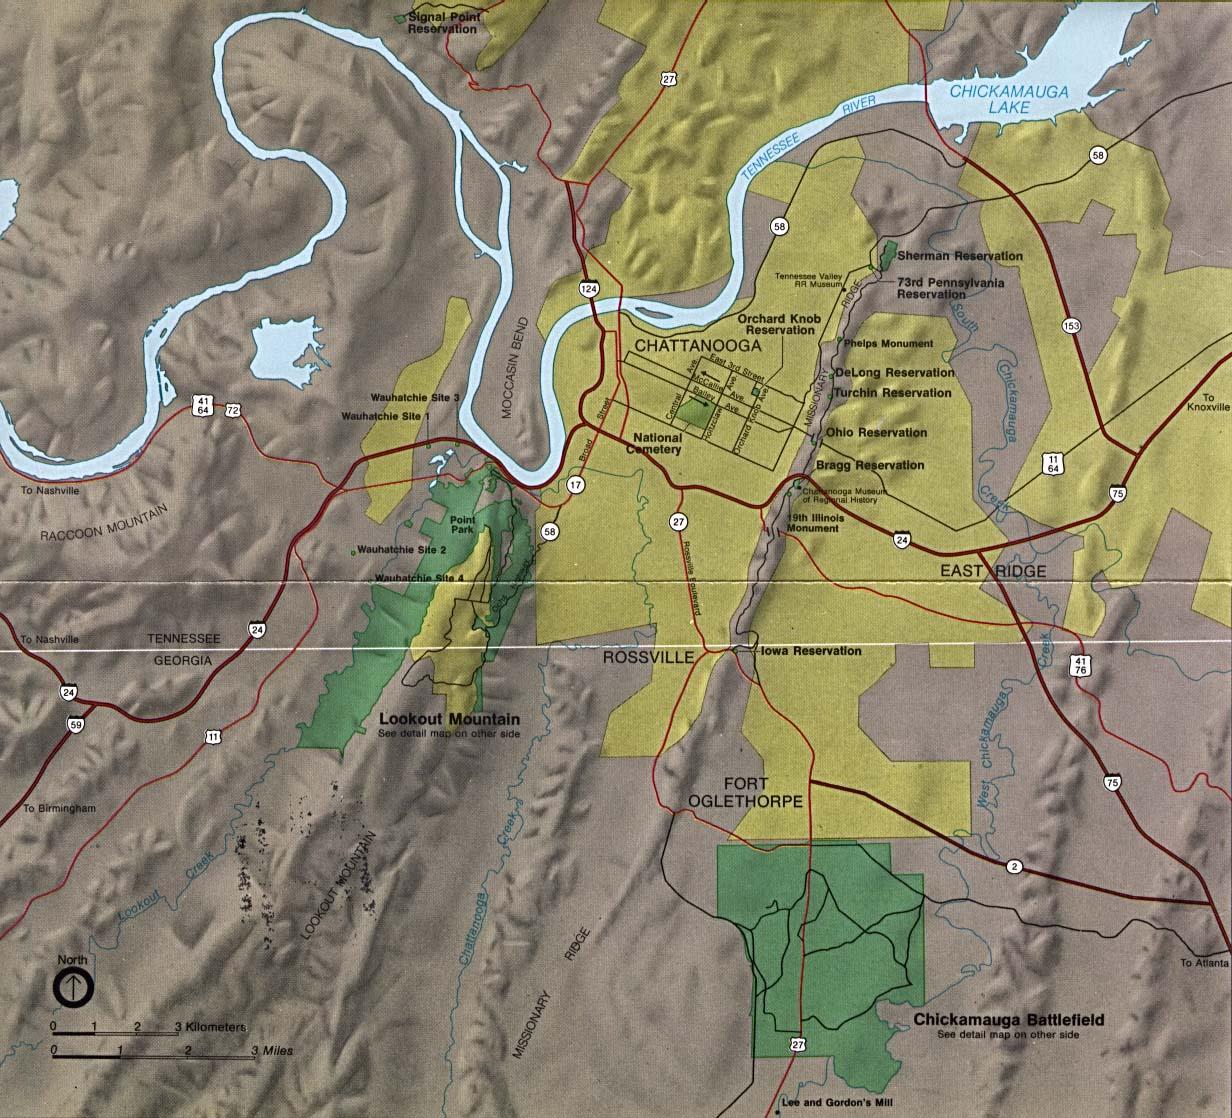 Mapa de la Región del Parque Militar Nacional de Chickamauga y Chattanooga, Georgia / Tennessee, Estados Unidos